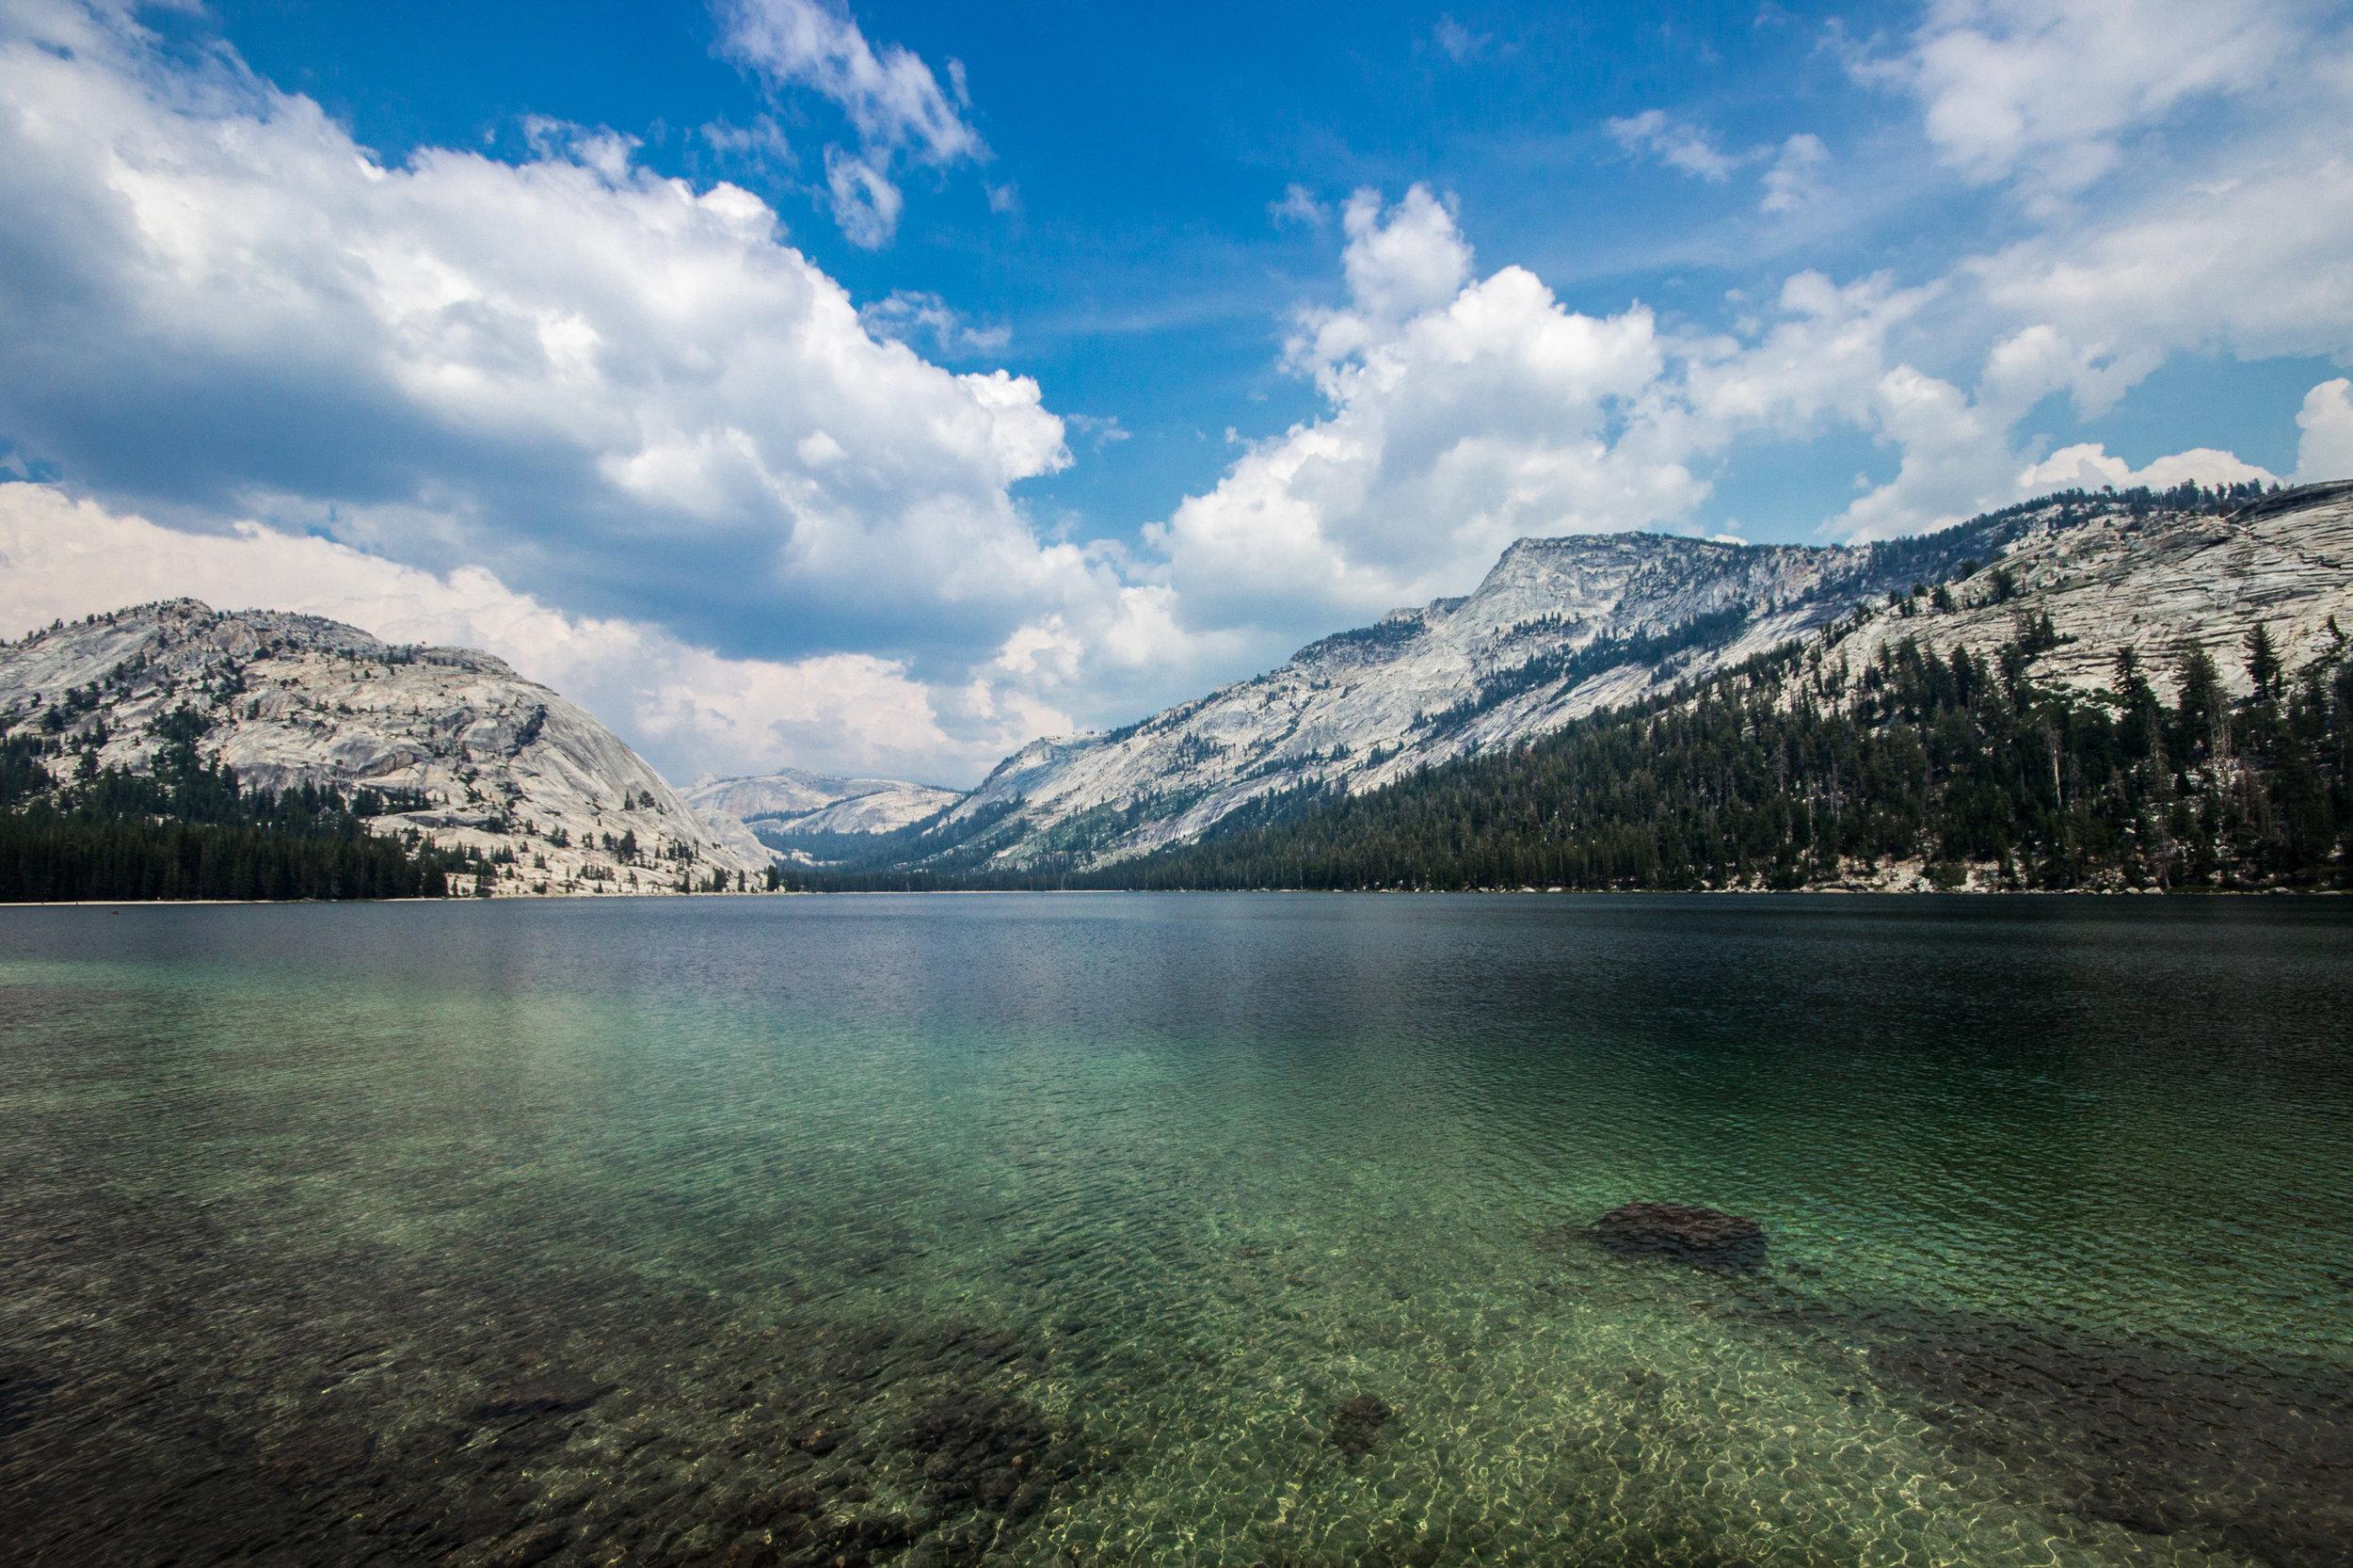 Teneya Lake